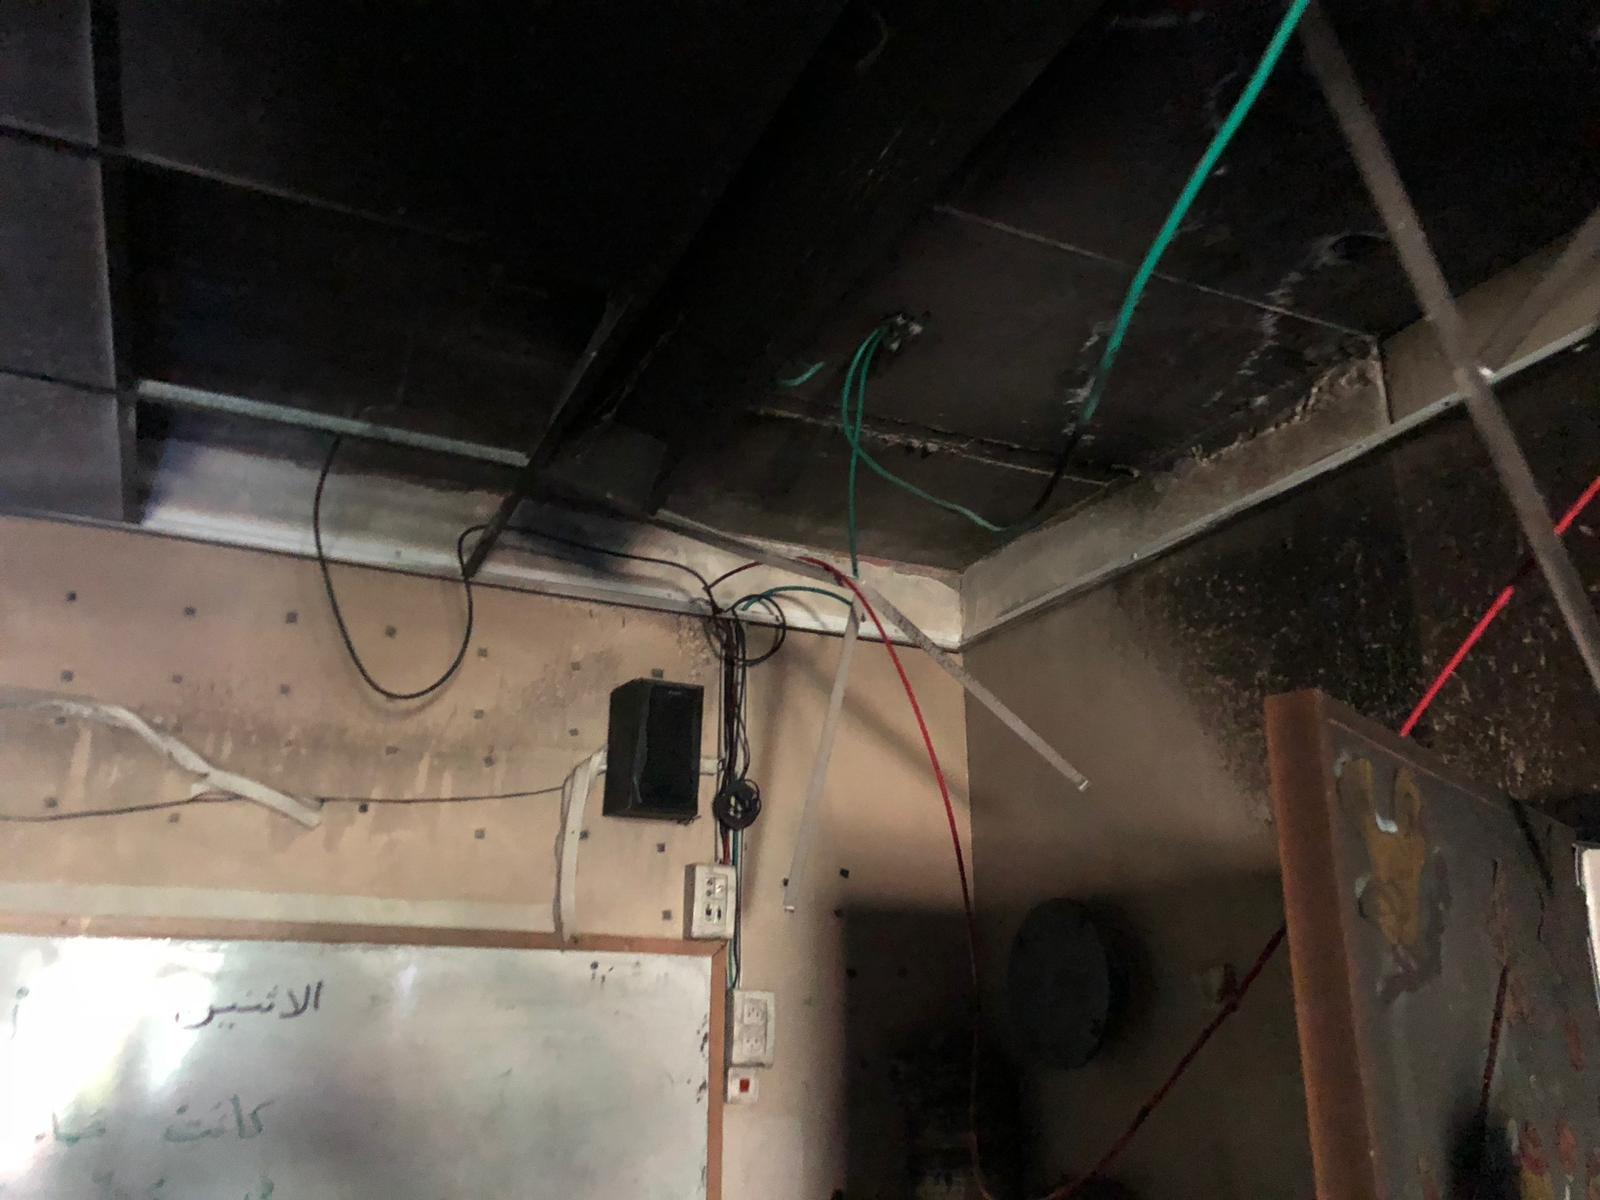 حريق في مدرسة سولم الابتدائية .. وبلطف الله لم تقع كارثة